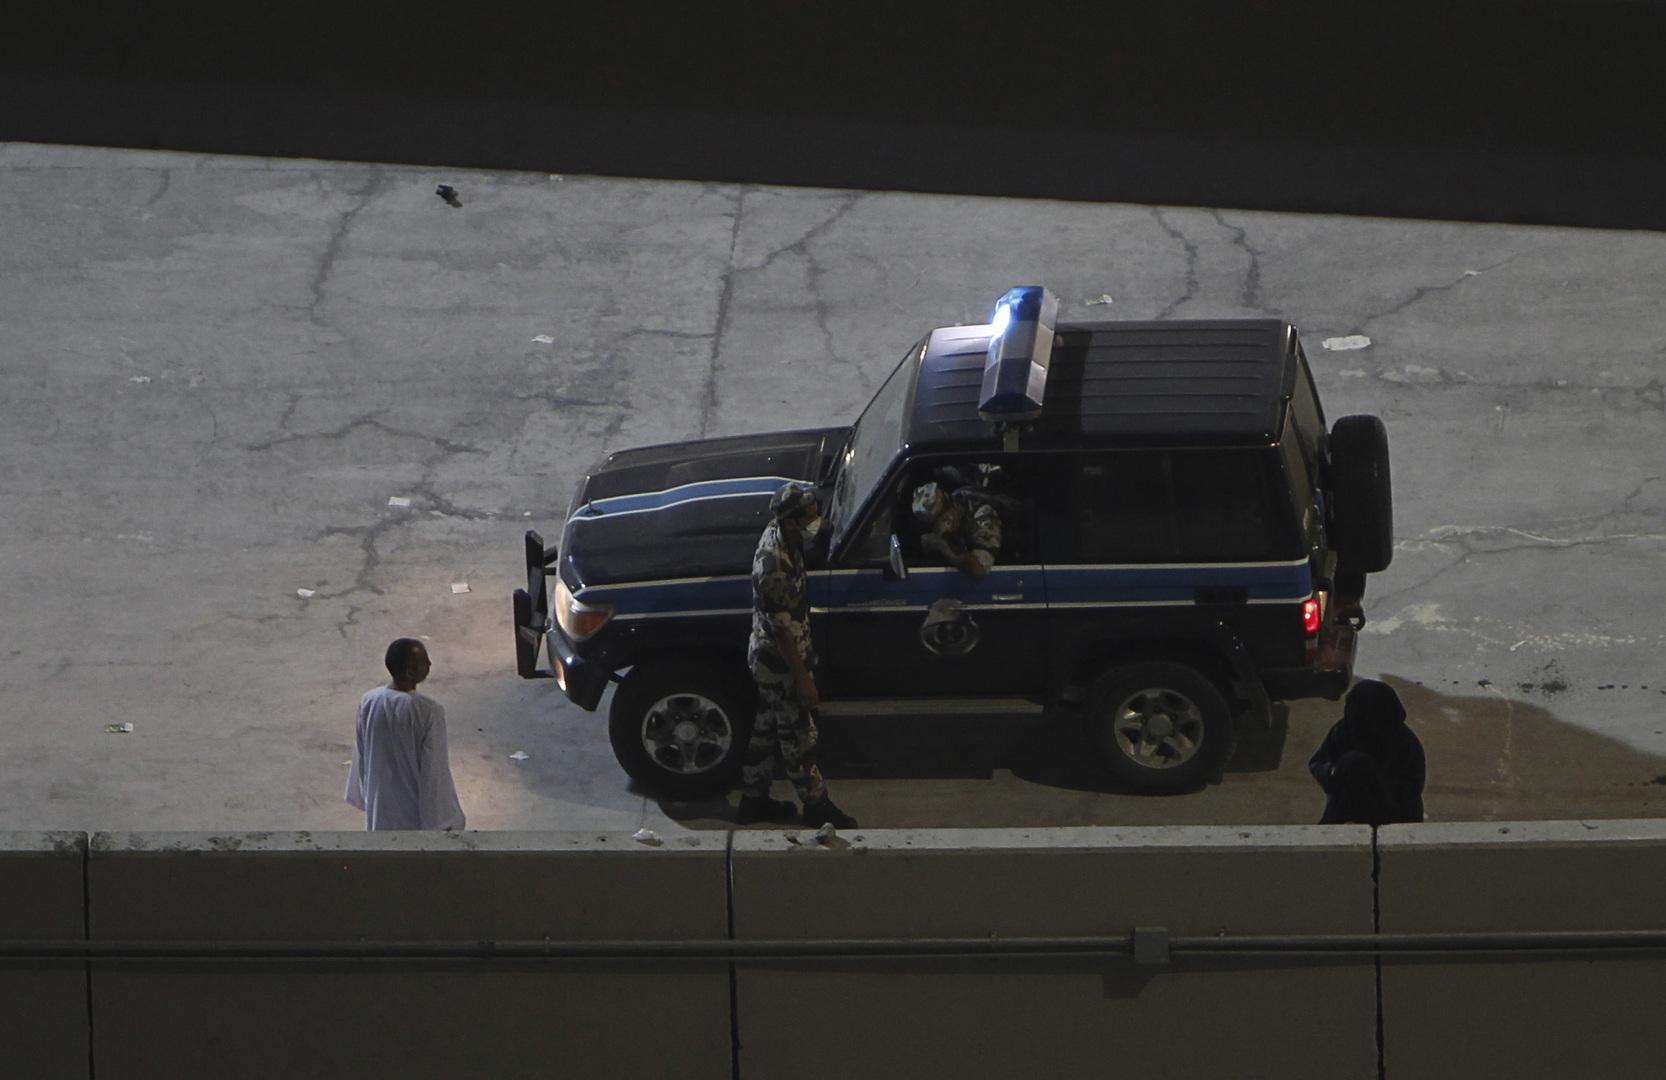 مصر.. الكشف عن أكبر عملية غسيل أموال